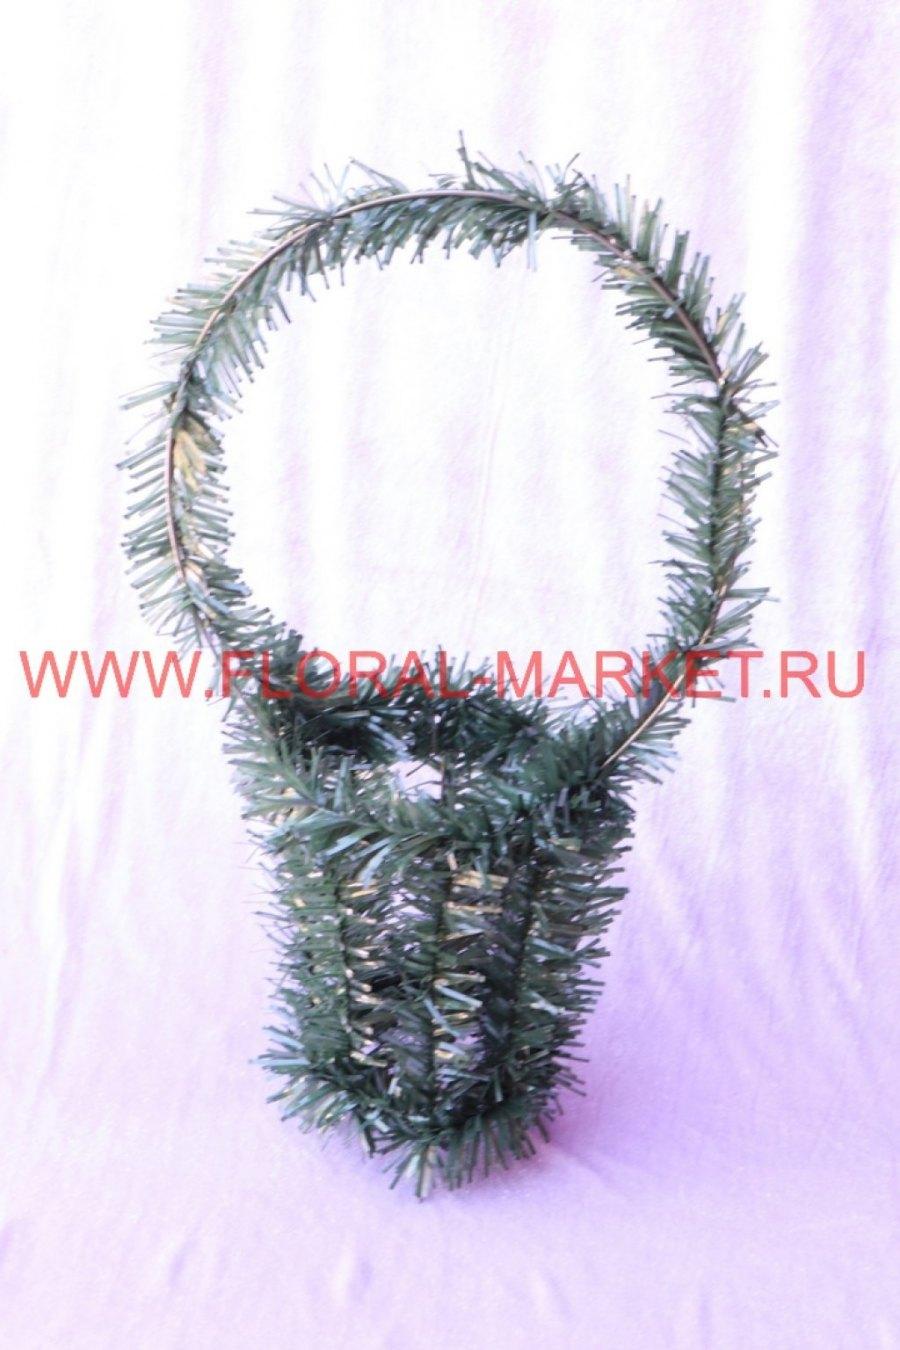 Фон Корзина свеча большая елка